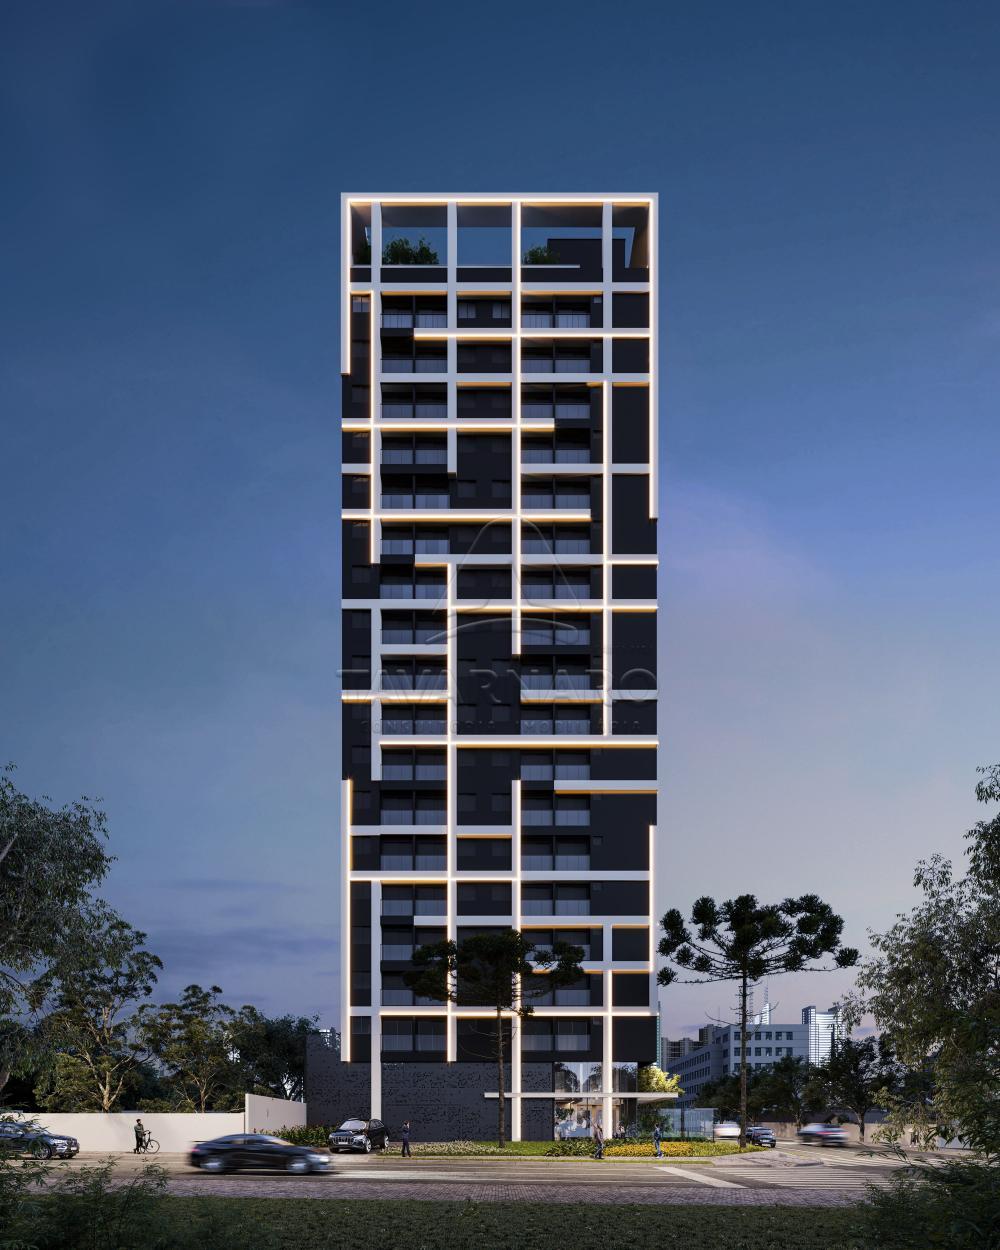 Comprar Apartamento / Padrão em Curitiba apenas R$ 193.236,75 - Foto 4